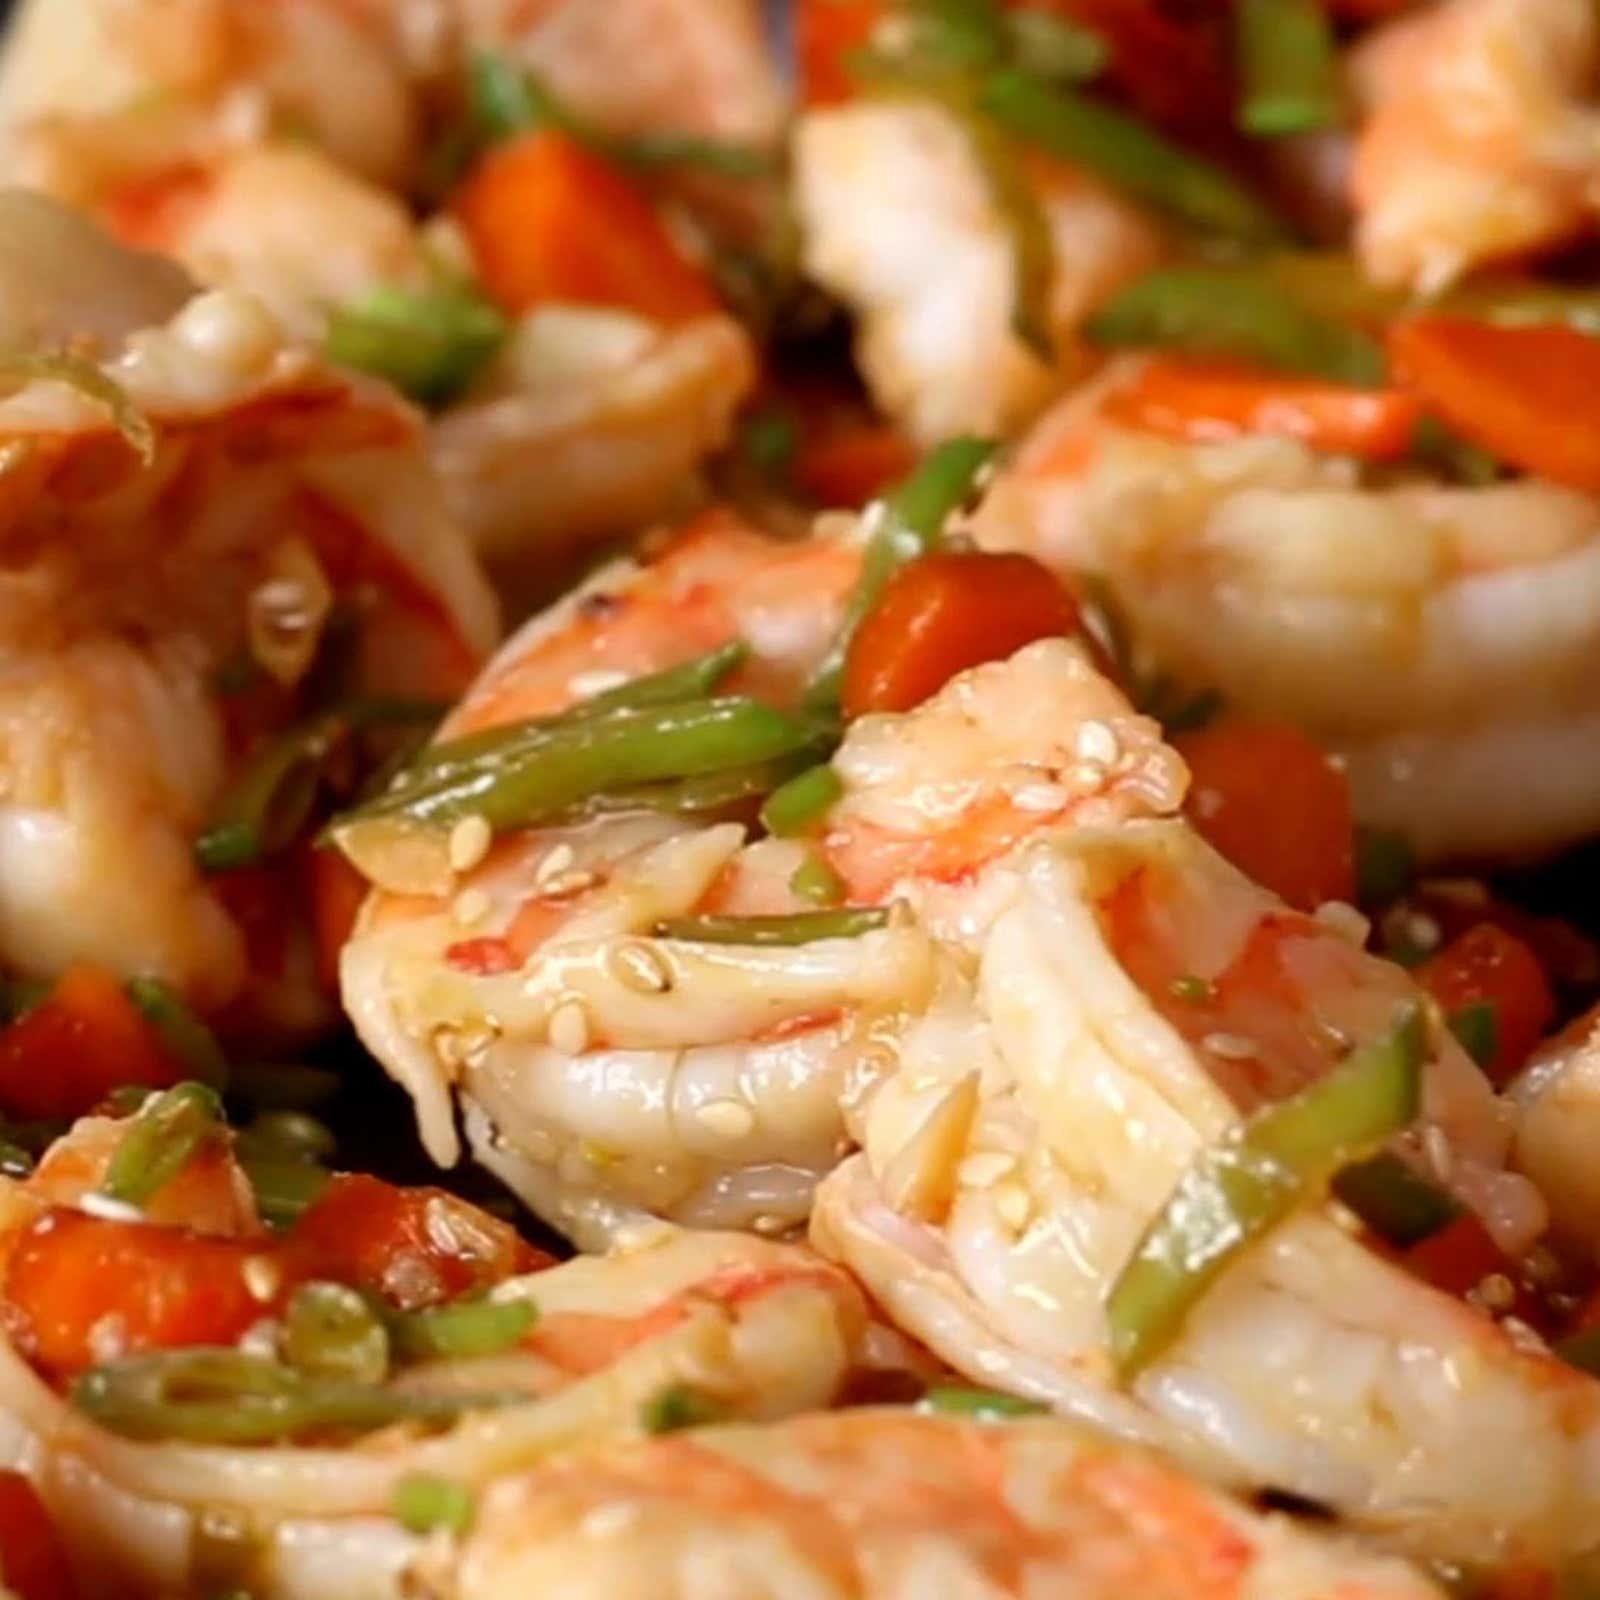 Carrot Sesame Shrimp Stir-fry